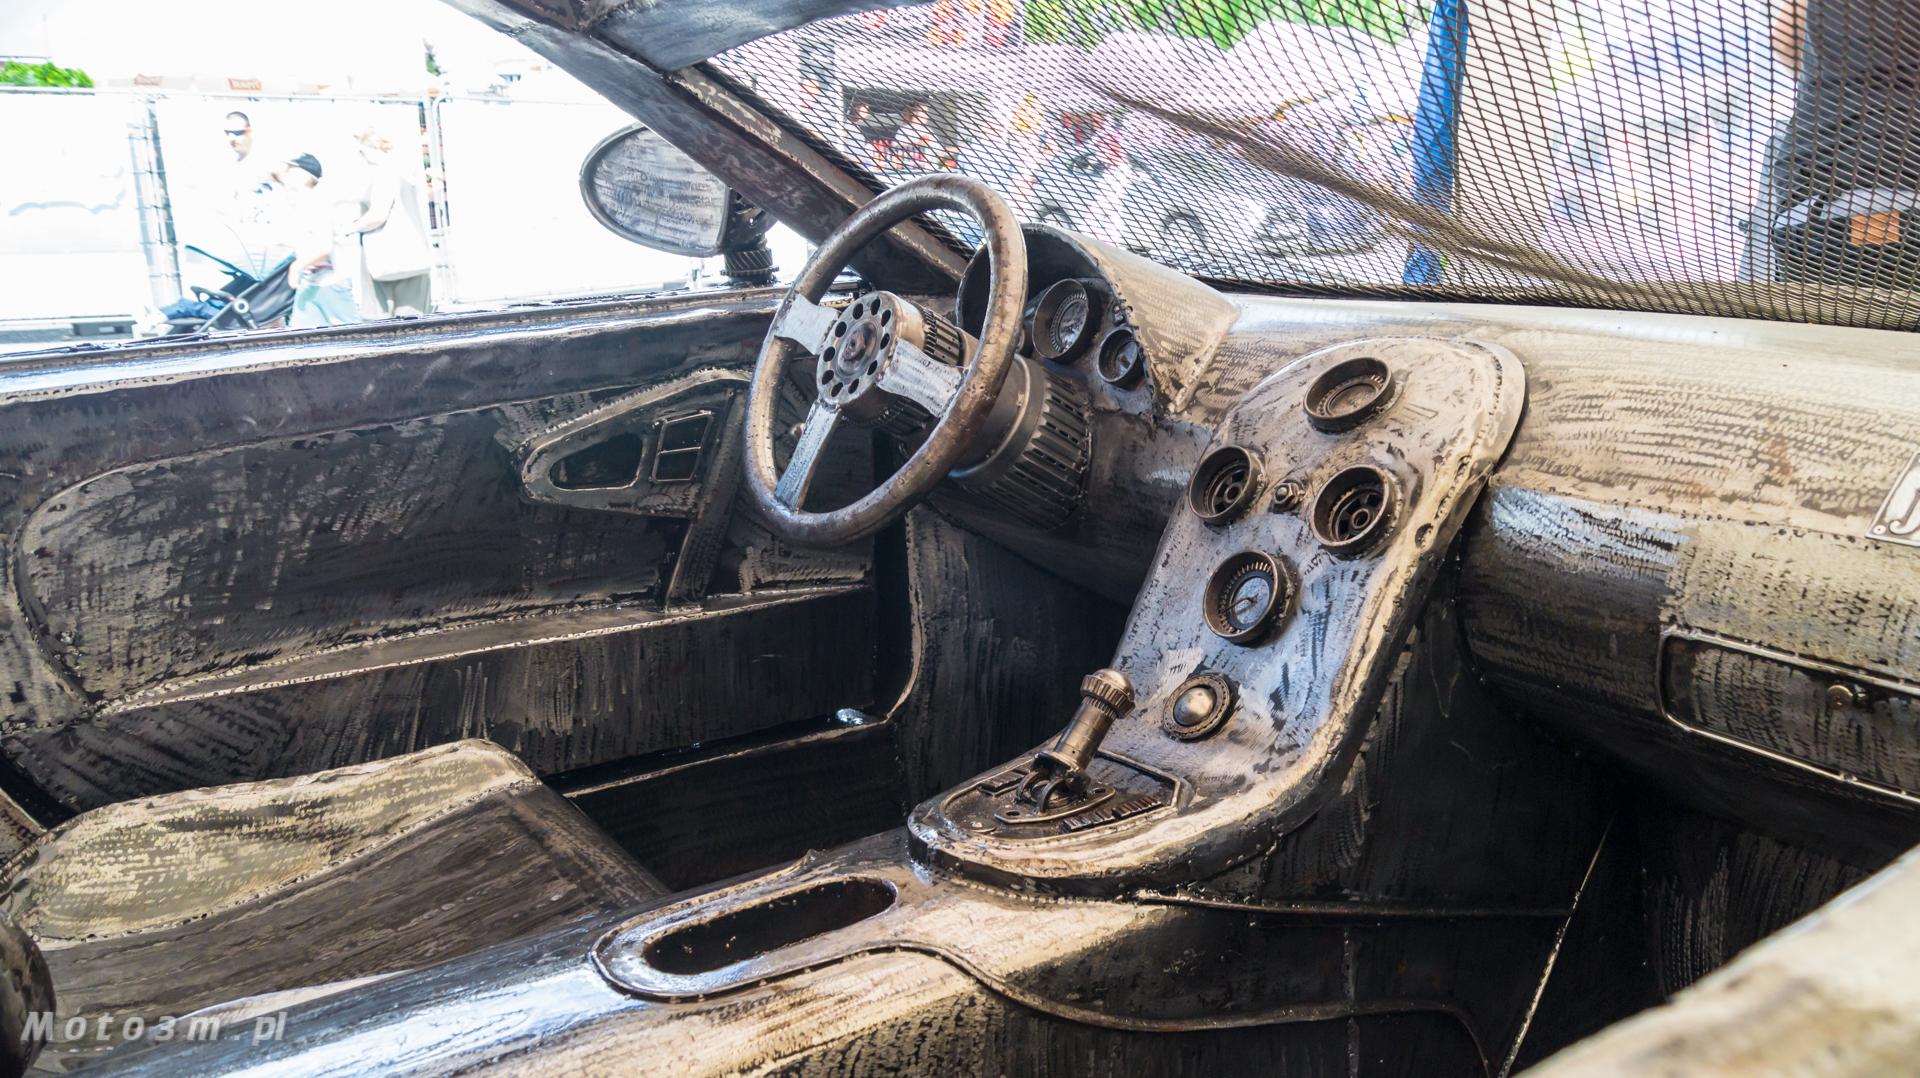 Groovy Bugatti Veyron… ze złomu, w gdyńskiej restauracji | Moto3m.pl SG97